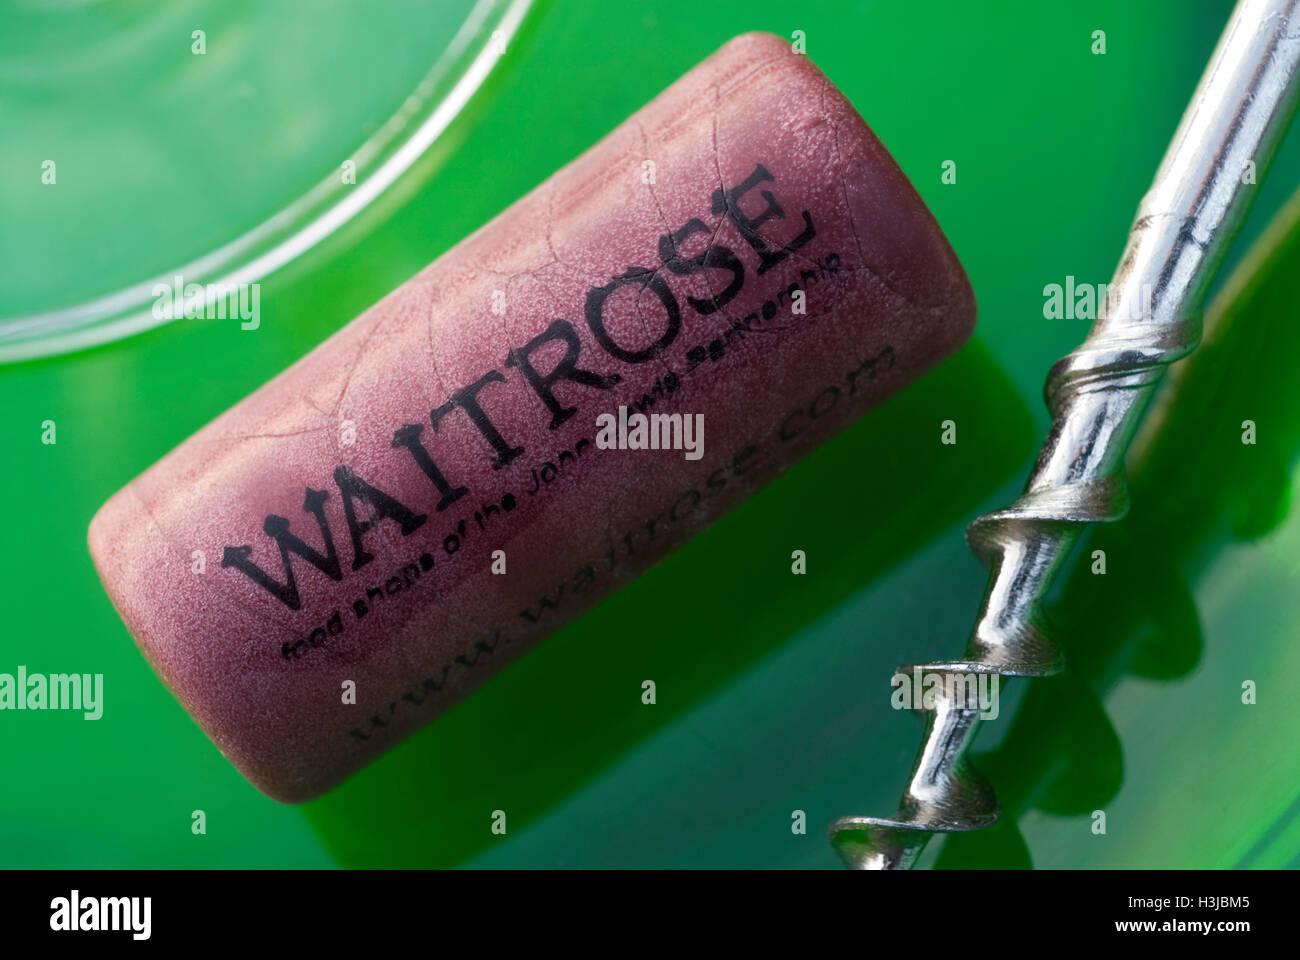 """Supermercado waitrose propia marca """"sintético"""" vino de corcho (para prevenir la oxidación tacha) Imagen De Stock"""